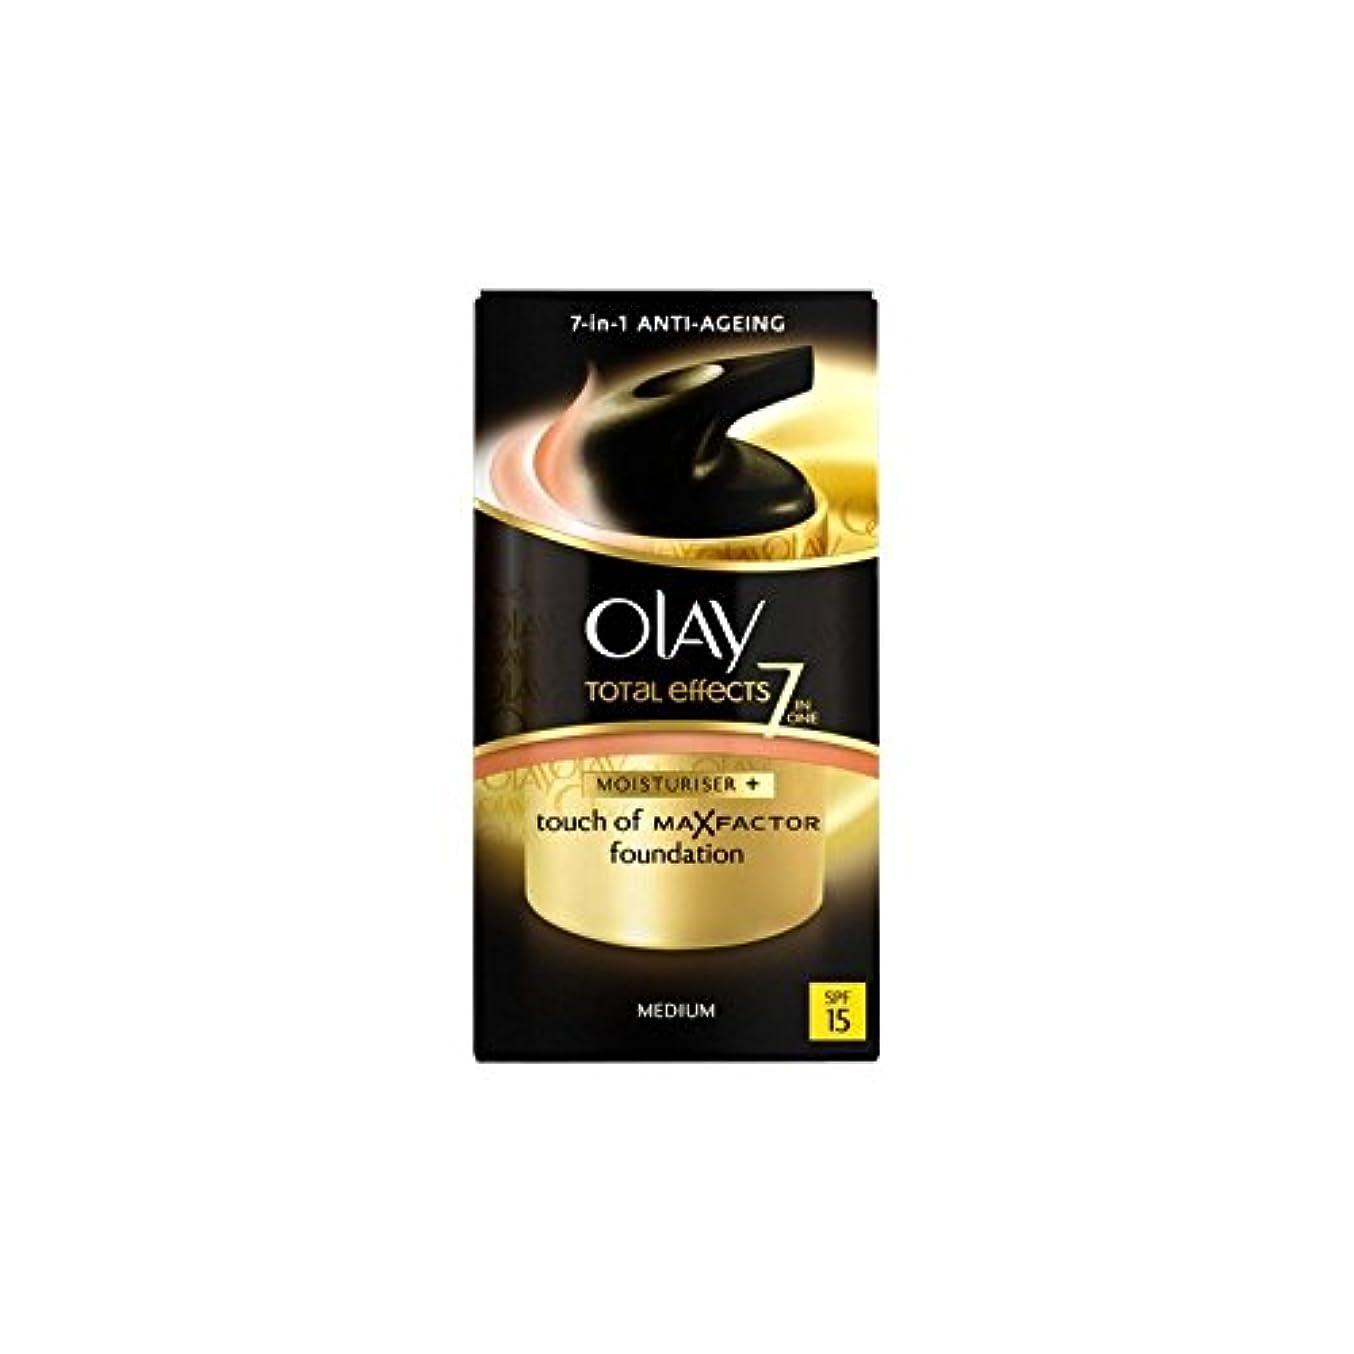 準備ができて厳精神オーレイトータルエフェクト保湿クリーム15 - 培地(50ミリリットル) x4 - Olay Total Effects Moisturiser Bb Cream Spf15 - Medium (50ml) (Pack of 4) [並行輸入品]